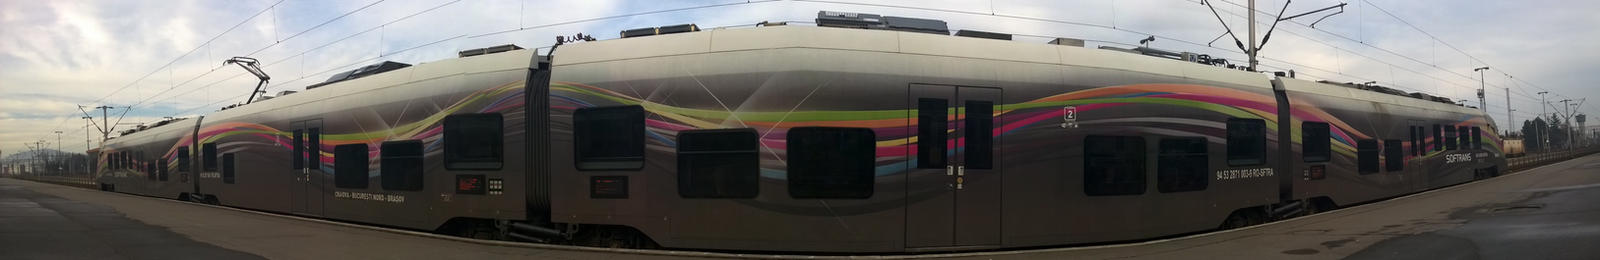 This train is like a fucking spaceship by deyush08